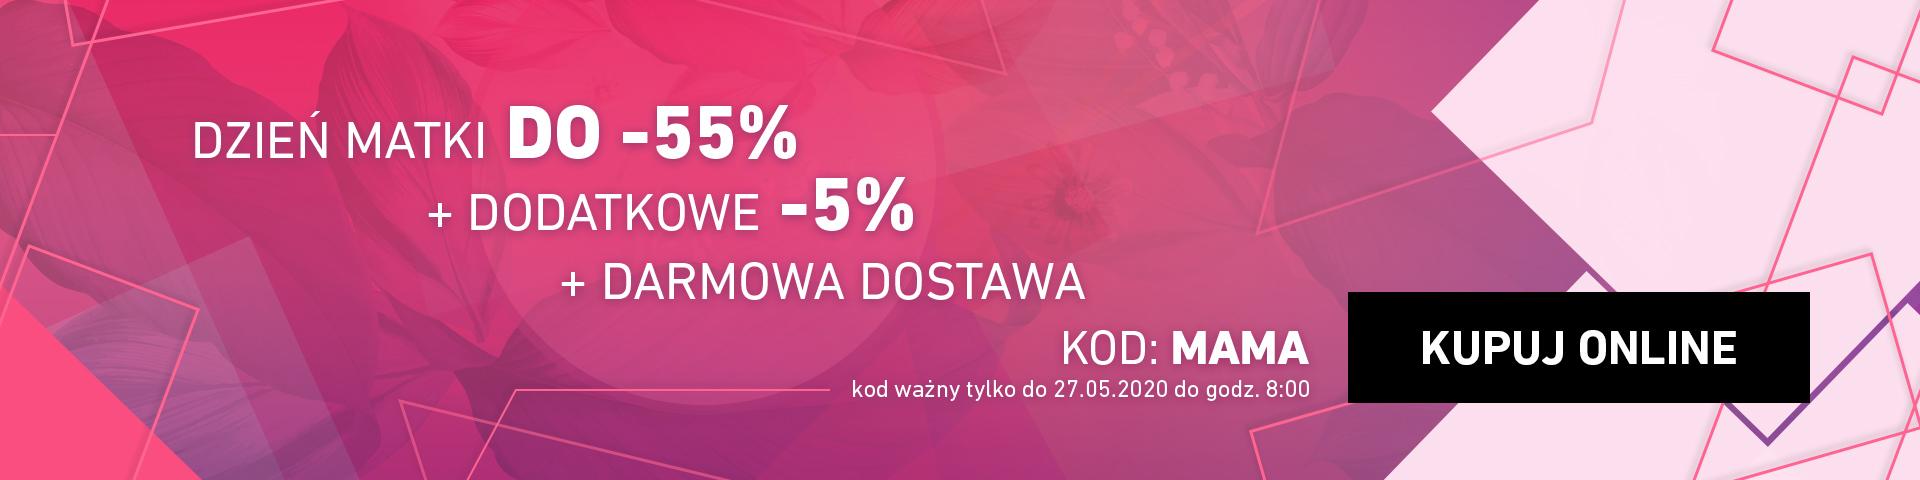 DNI MAMY -55% + dodatkowe 5% taniej z kodem i DARMOWA DOSTAWA